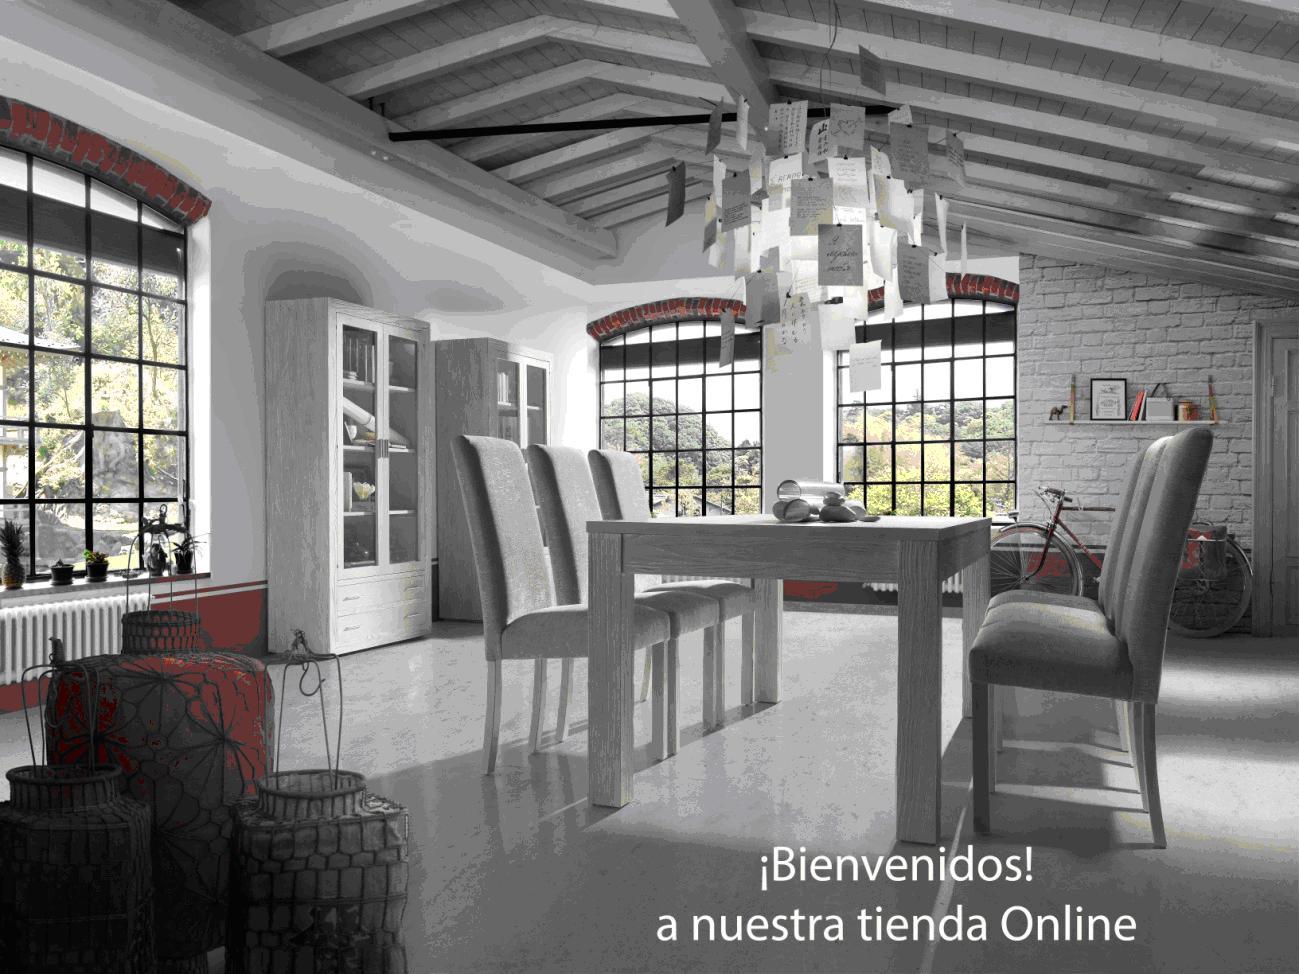 Estrenamos tienda online de muebles casanova gand a for Muebles casanova